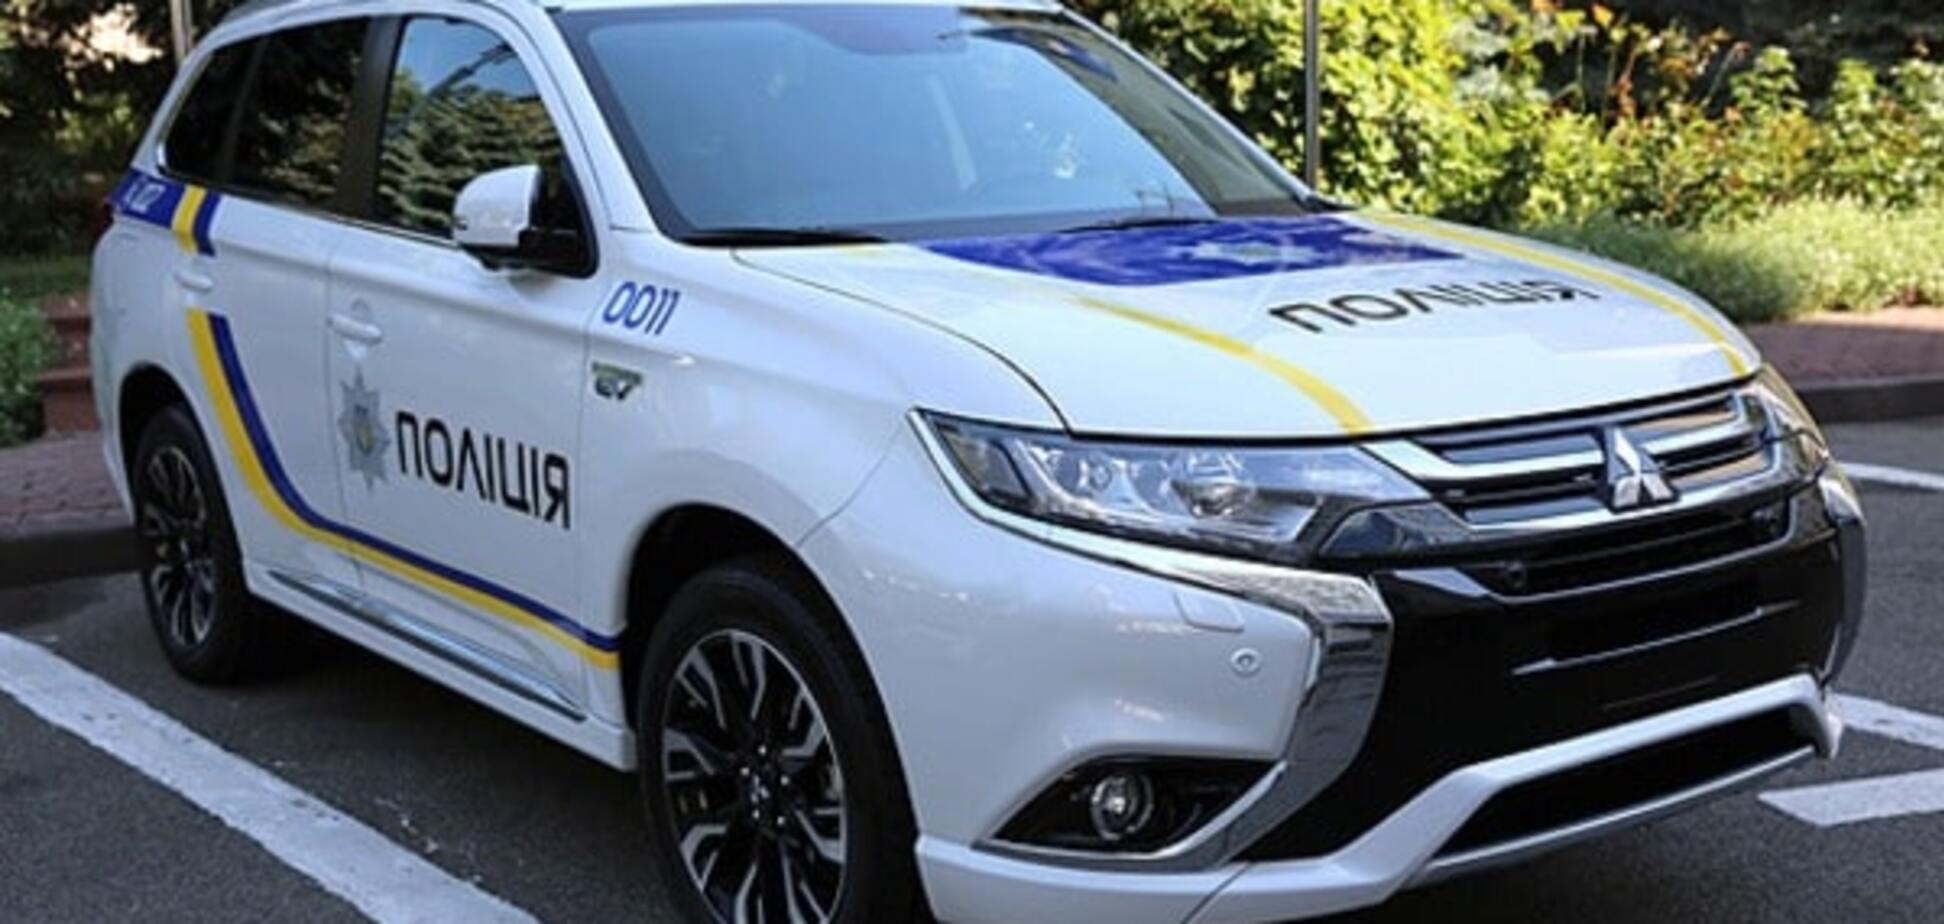 На 'киотские деньги': полицию снабдят 650 гибридными Mitsubishi Оutlander. Фото и видеофакт